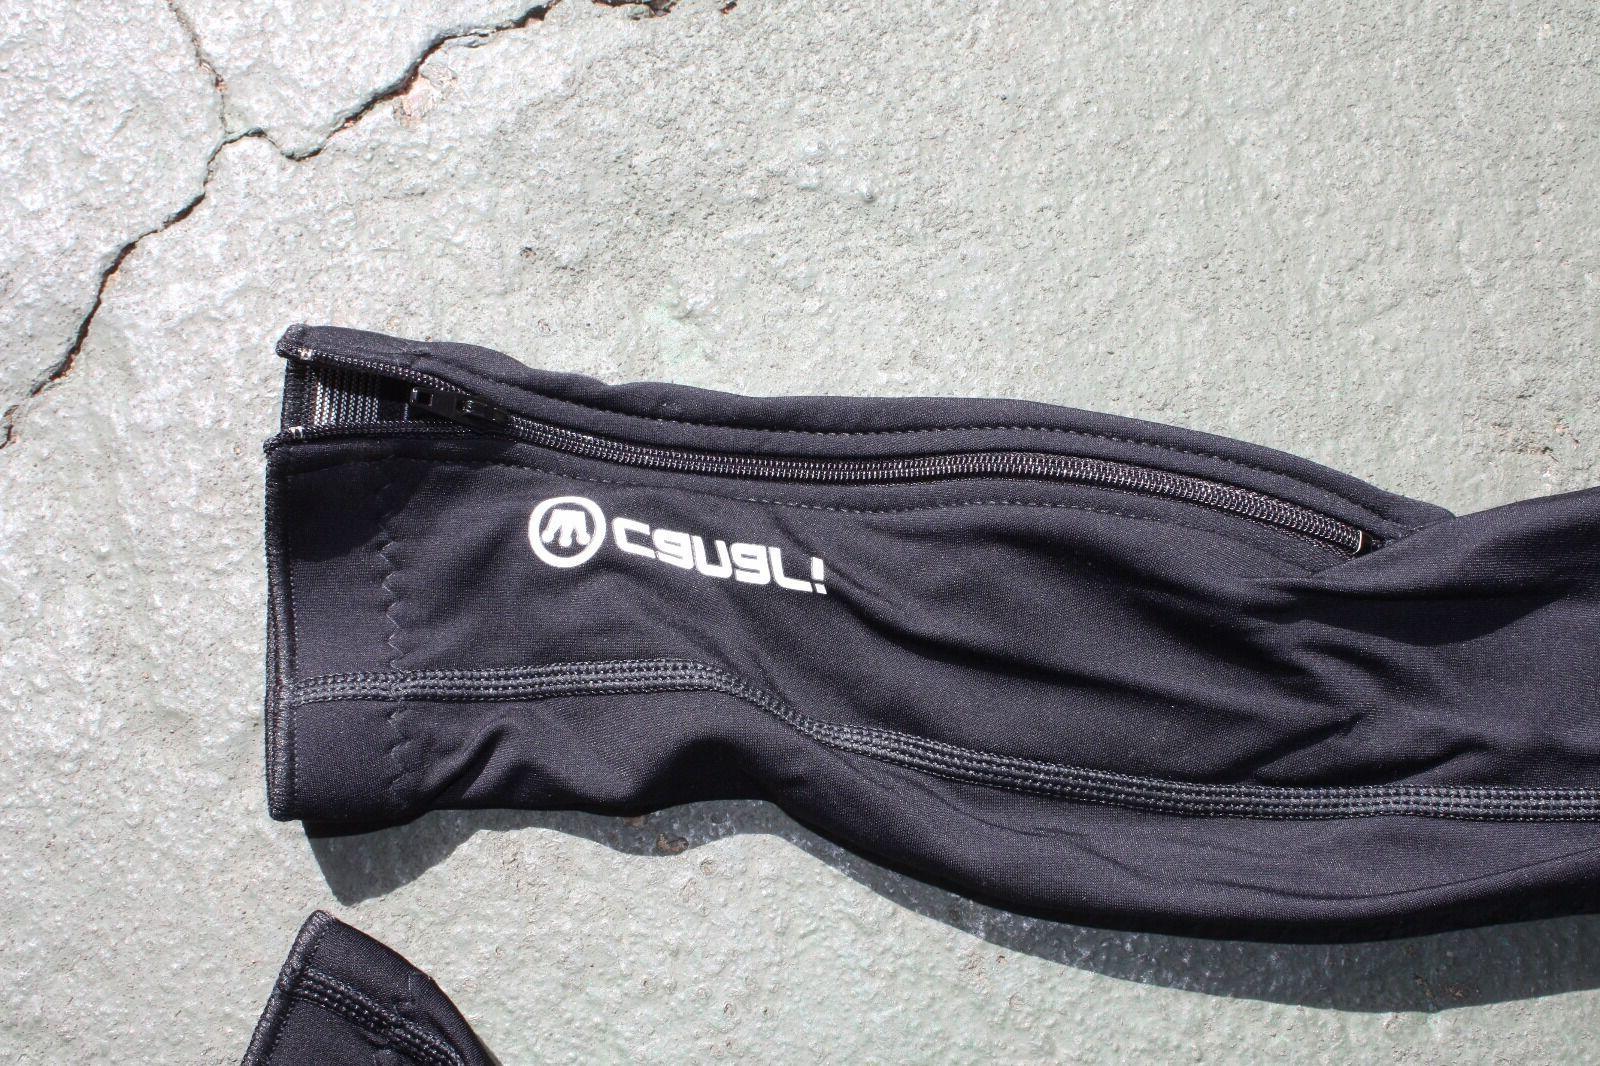 Canari Pants Cycling Padded Tights Small NOS